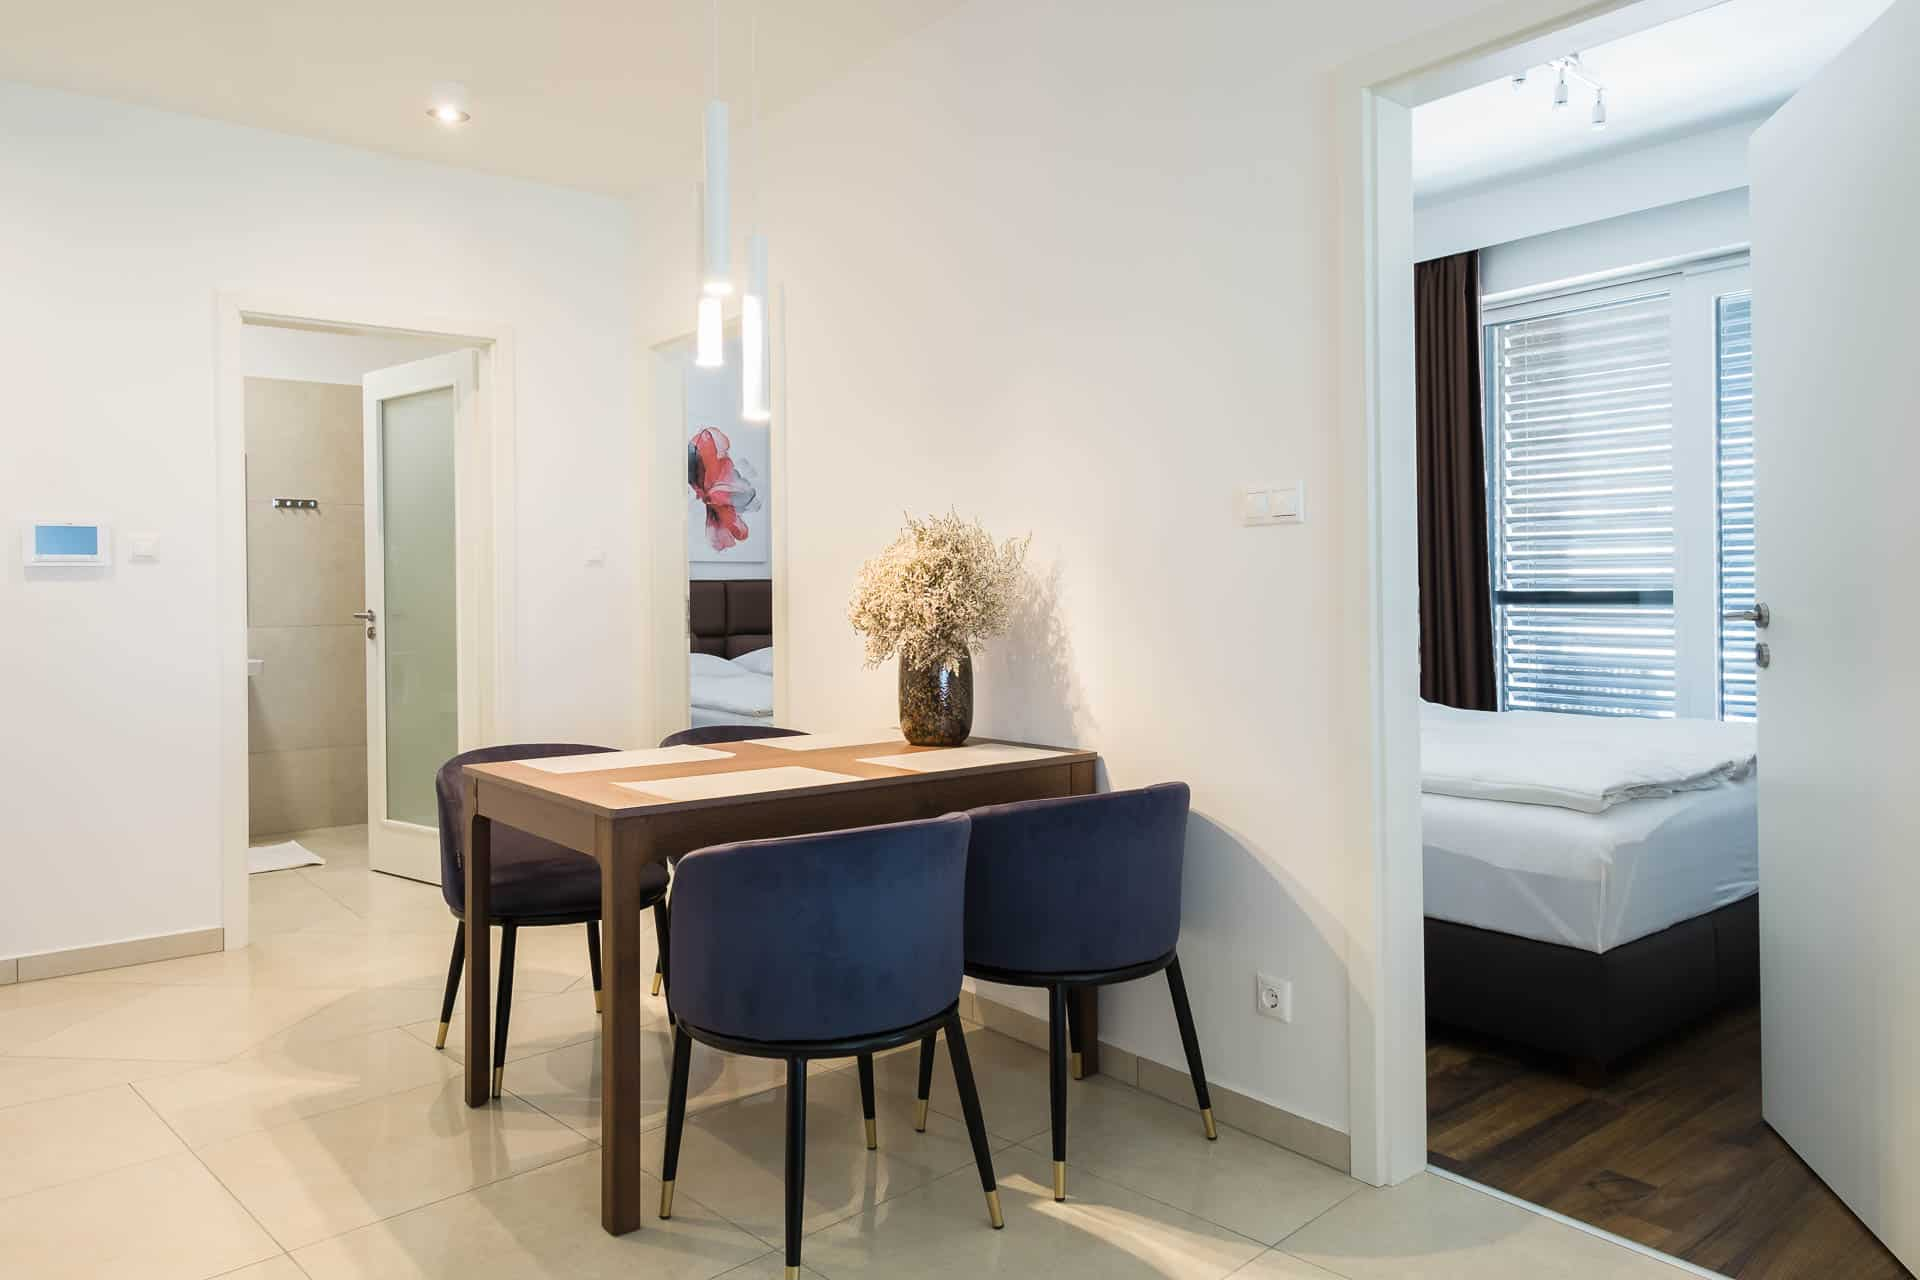 Prémium minőségű, vízparti Apartmanok Keszthely - előtérben az étkező - háttérben a háló.